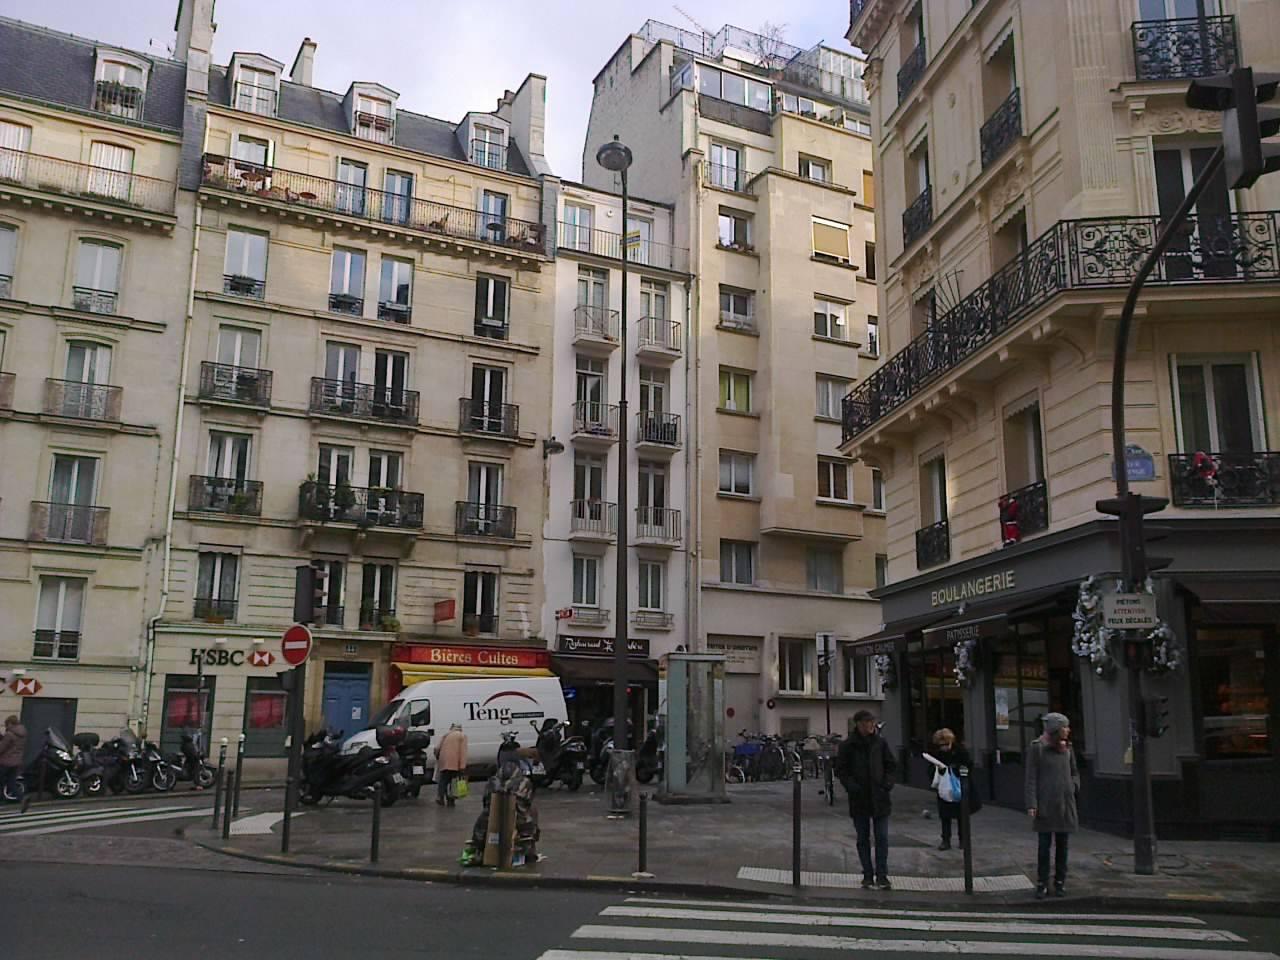 Parigi 2014